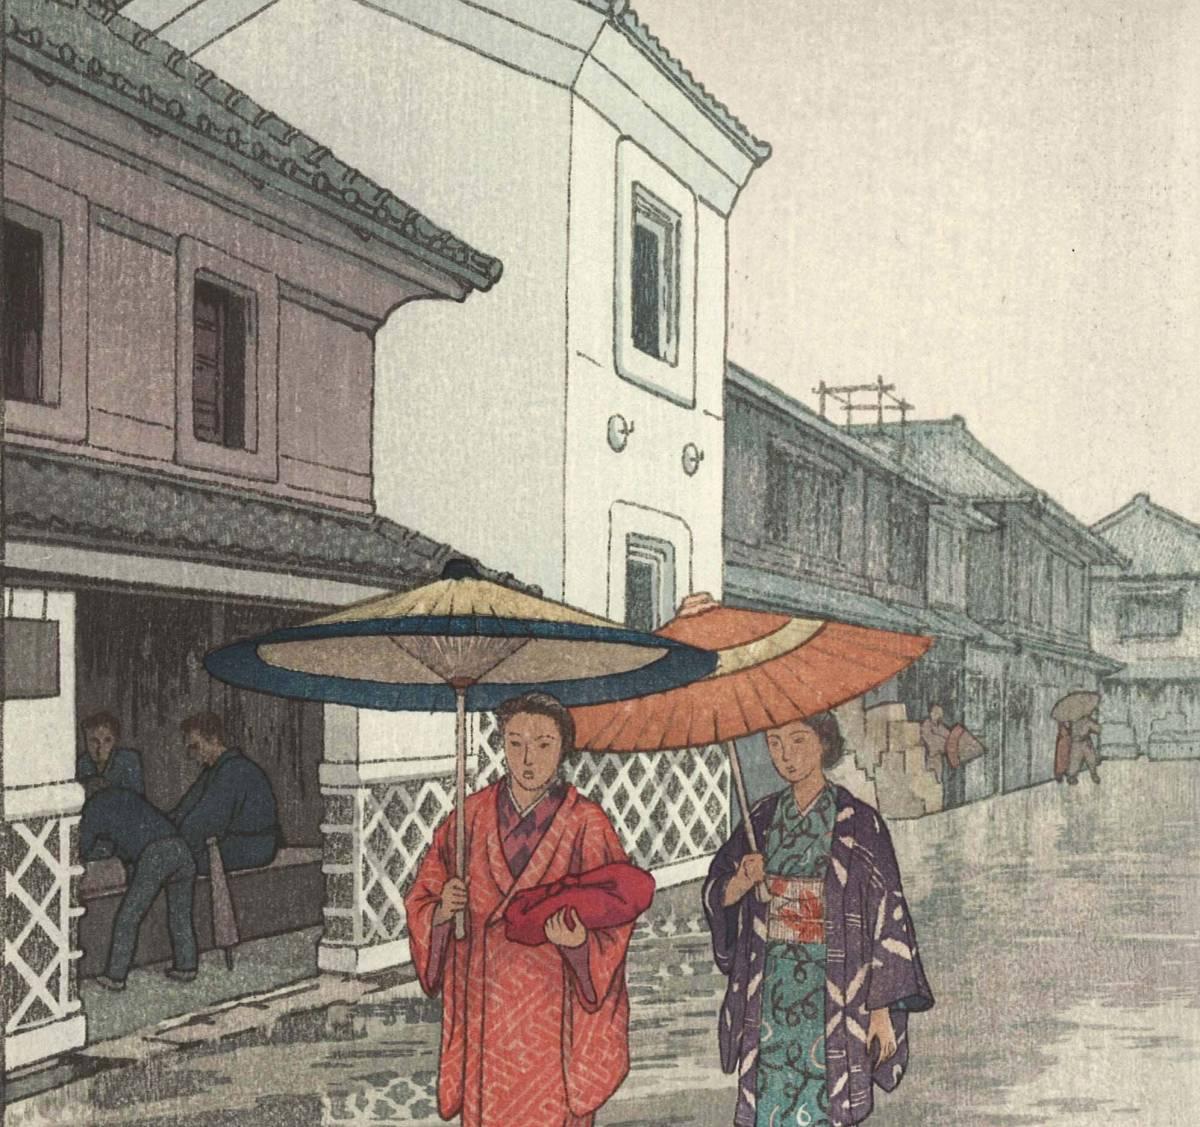 吉田遠志 木版画 014002 雨傘 (Umbrella) 初摺1940年  最高峰の摺師の技をご堪能下さい!!_画像6